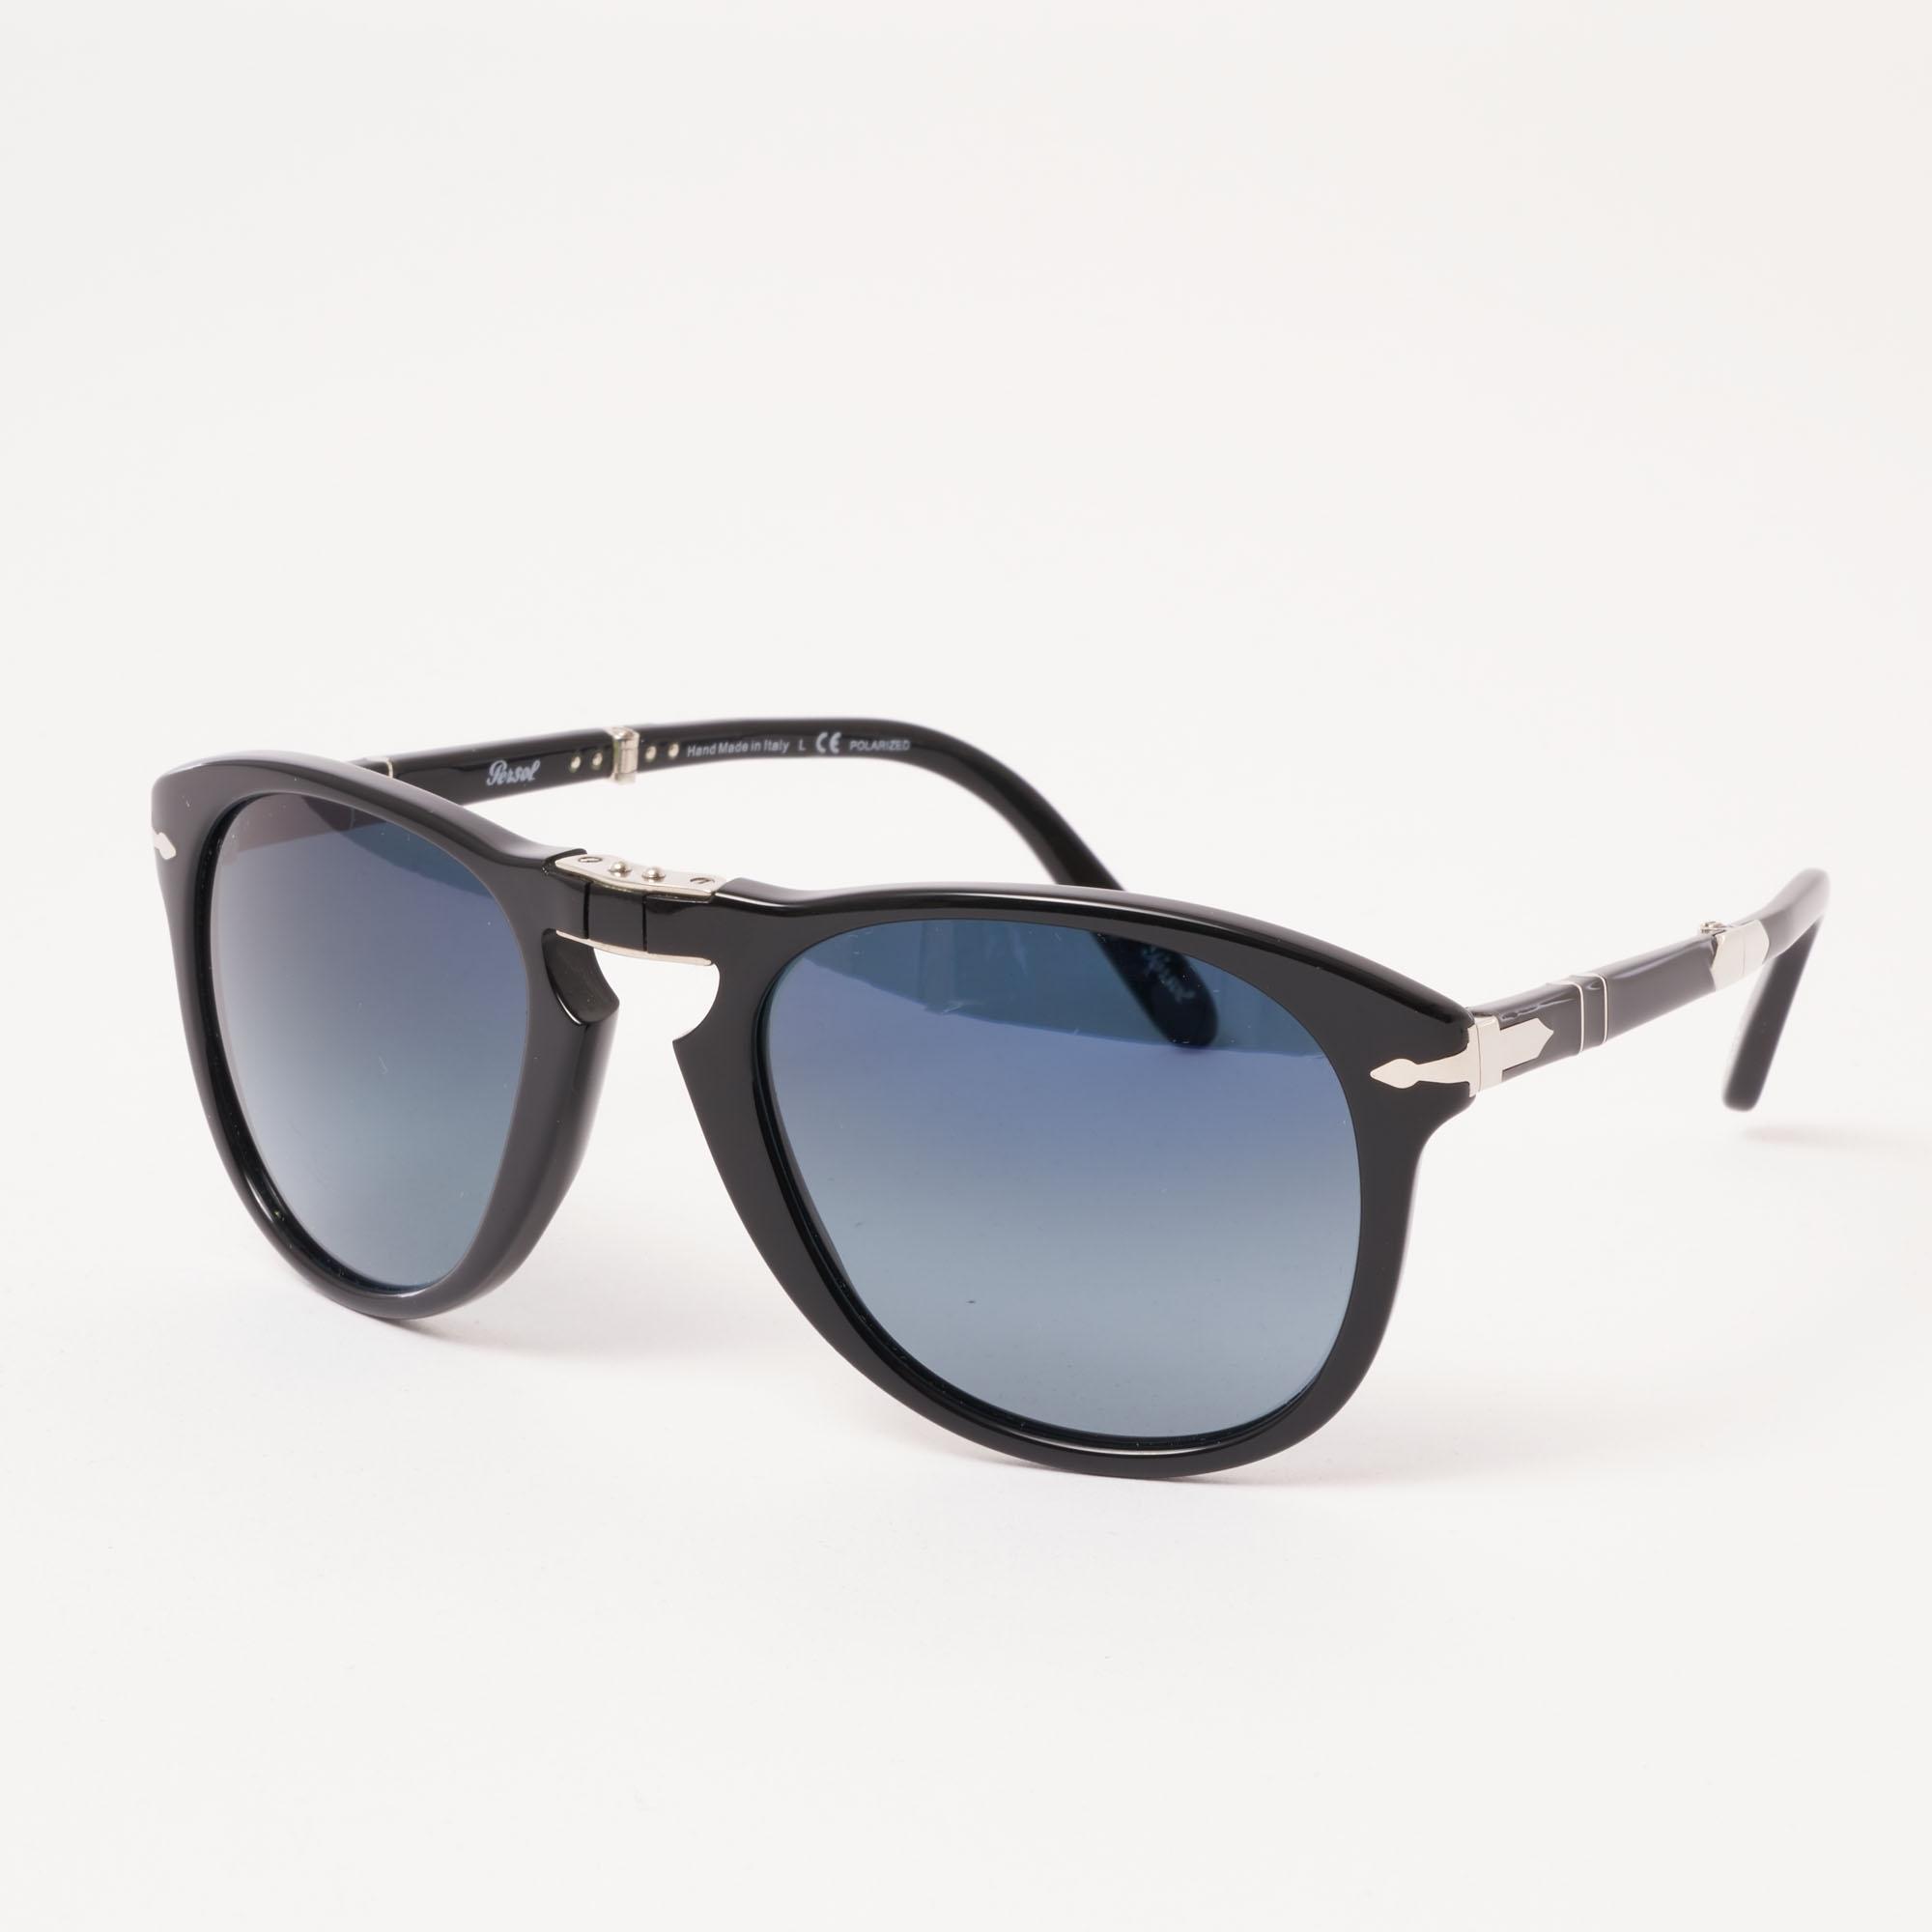 ea5d577ea50cb Persol Steve McQueen™ Special Edition